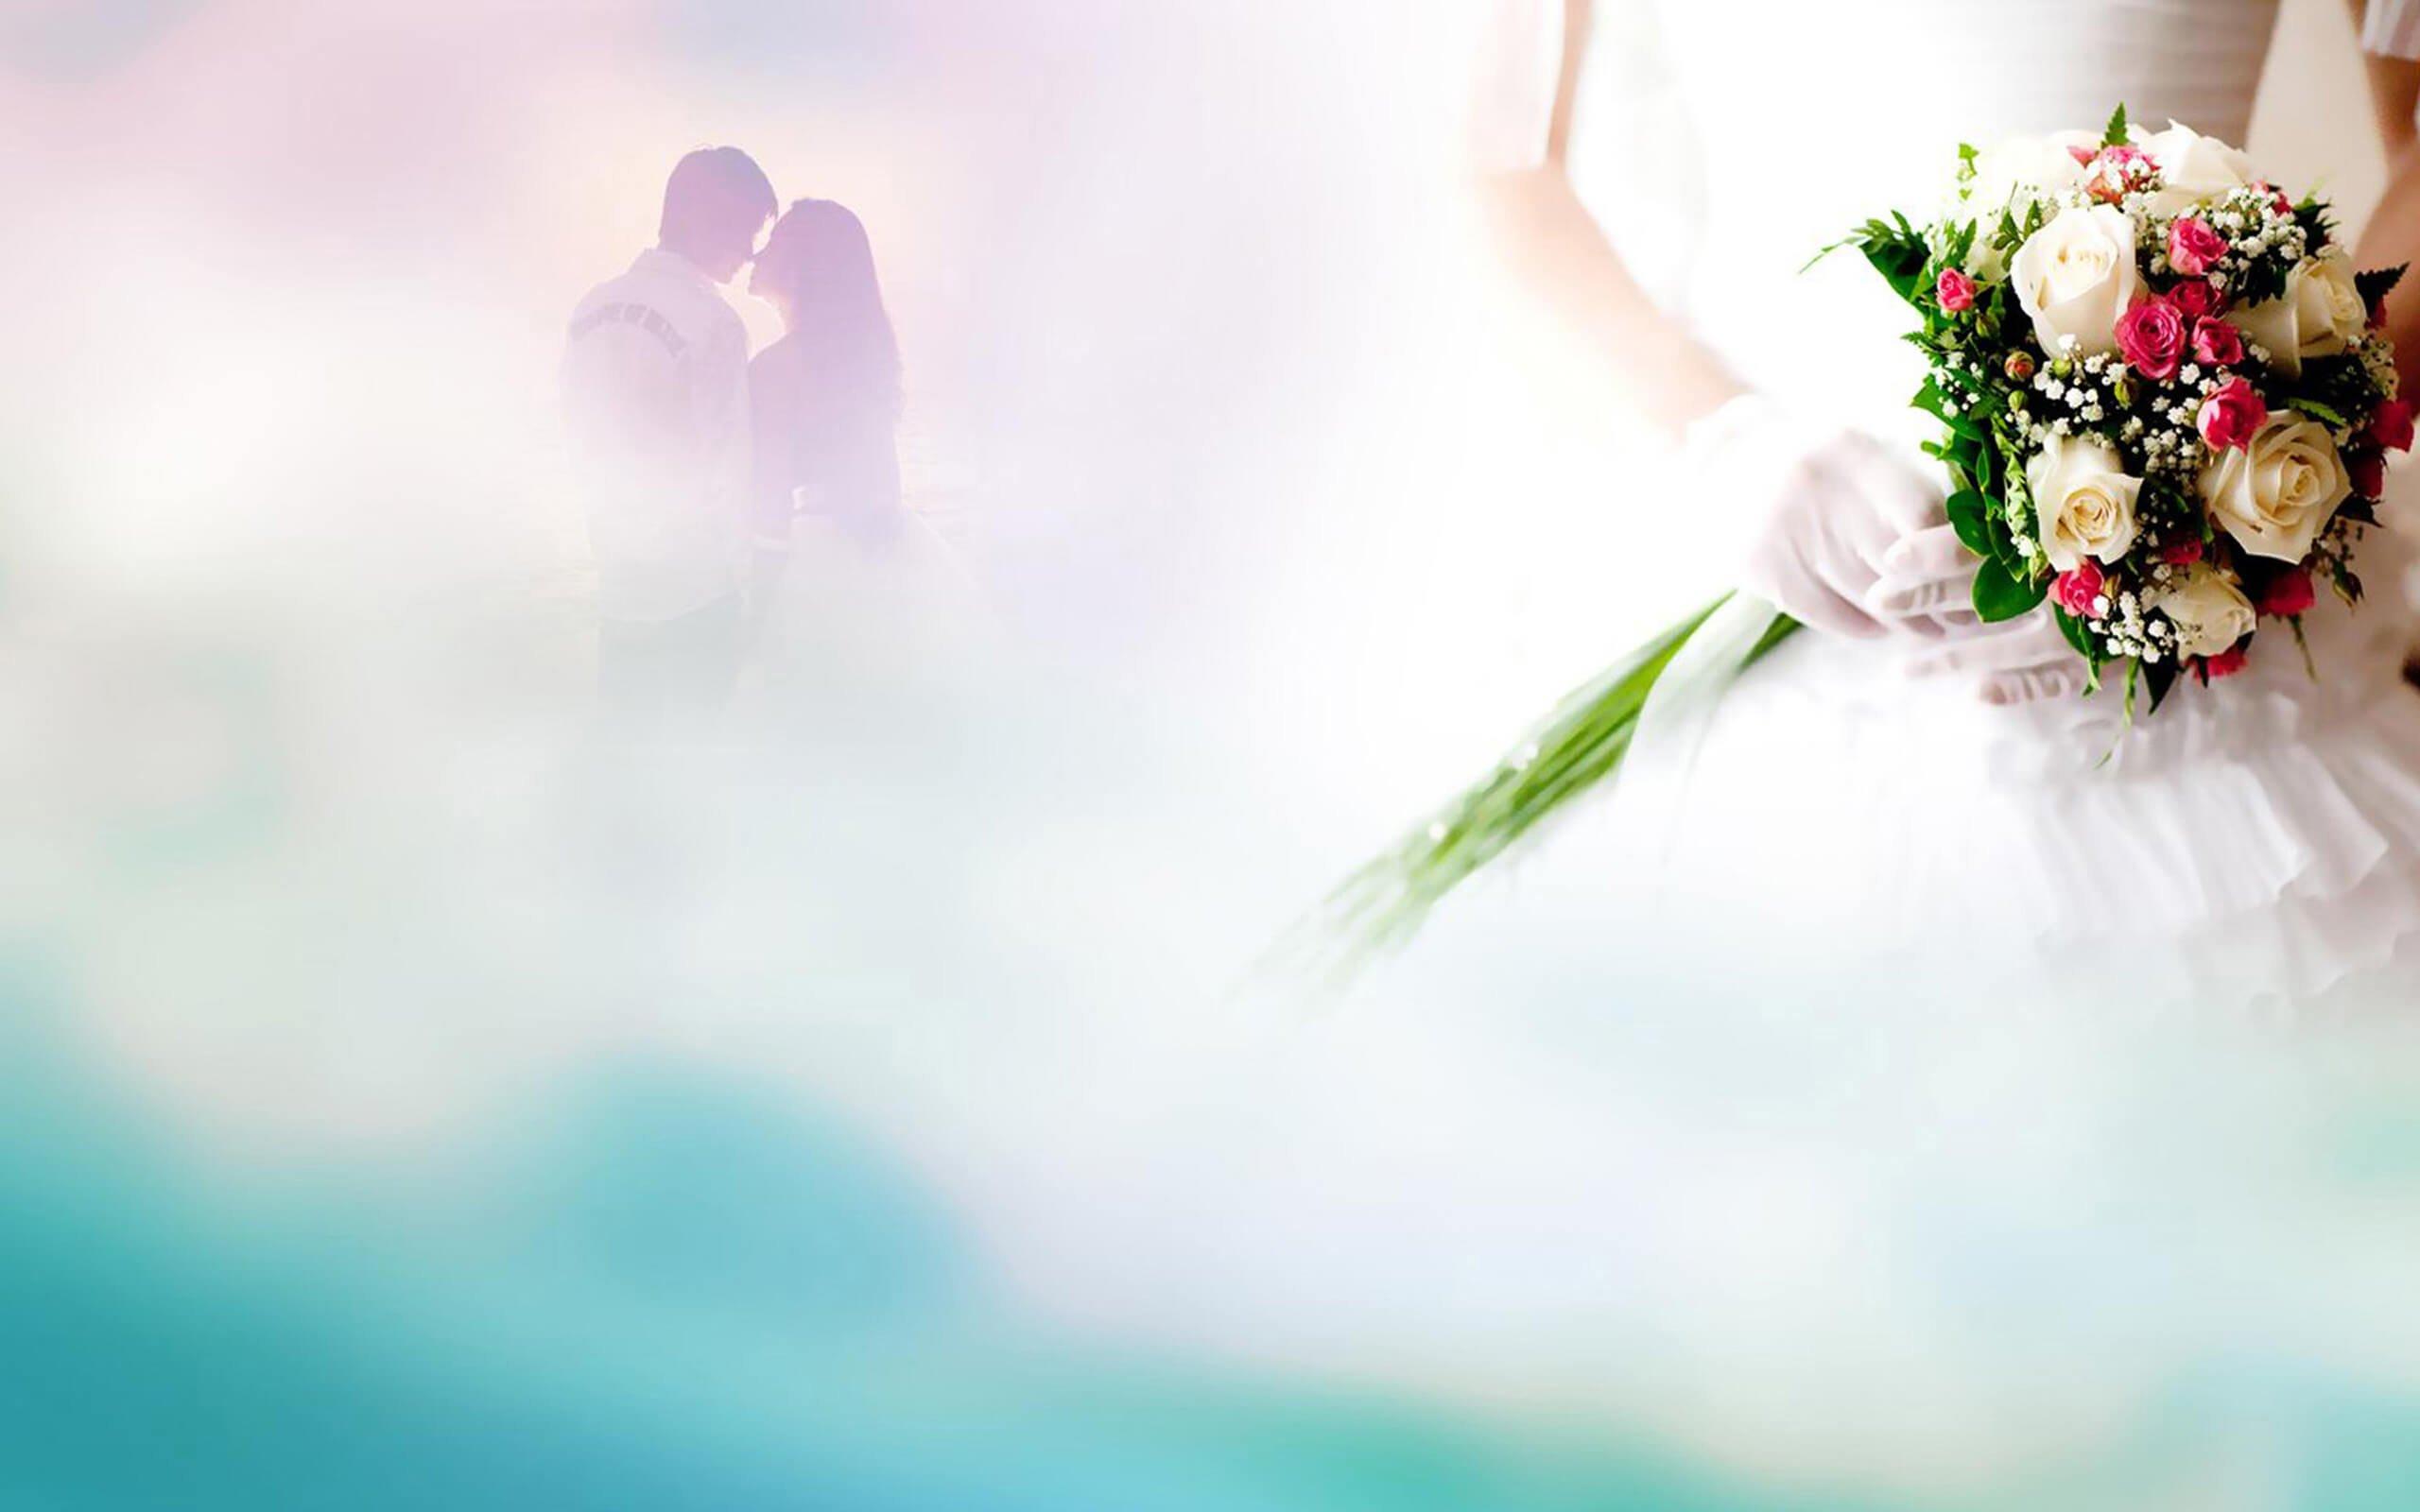 Картинки свадьба большое разрешение